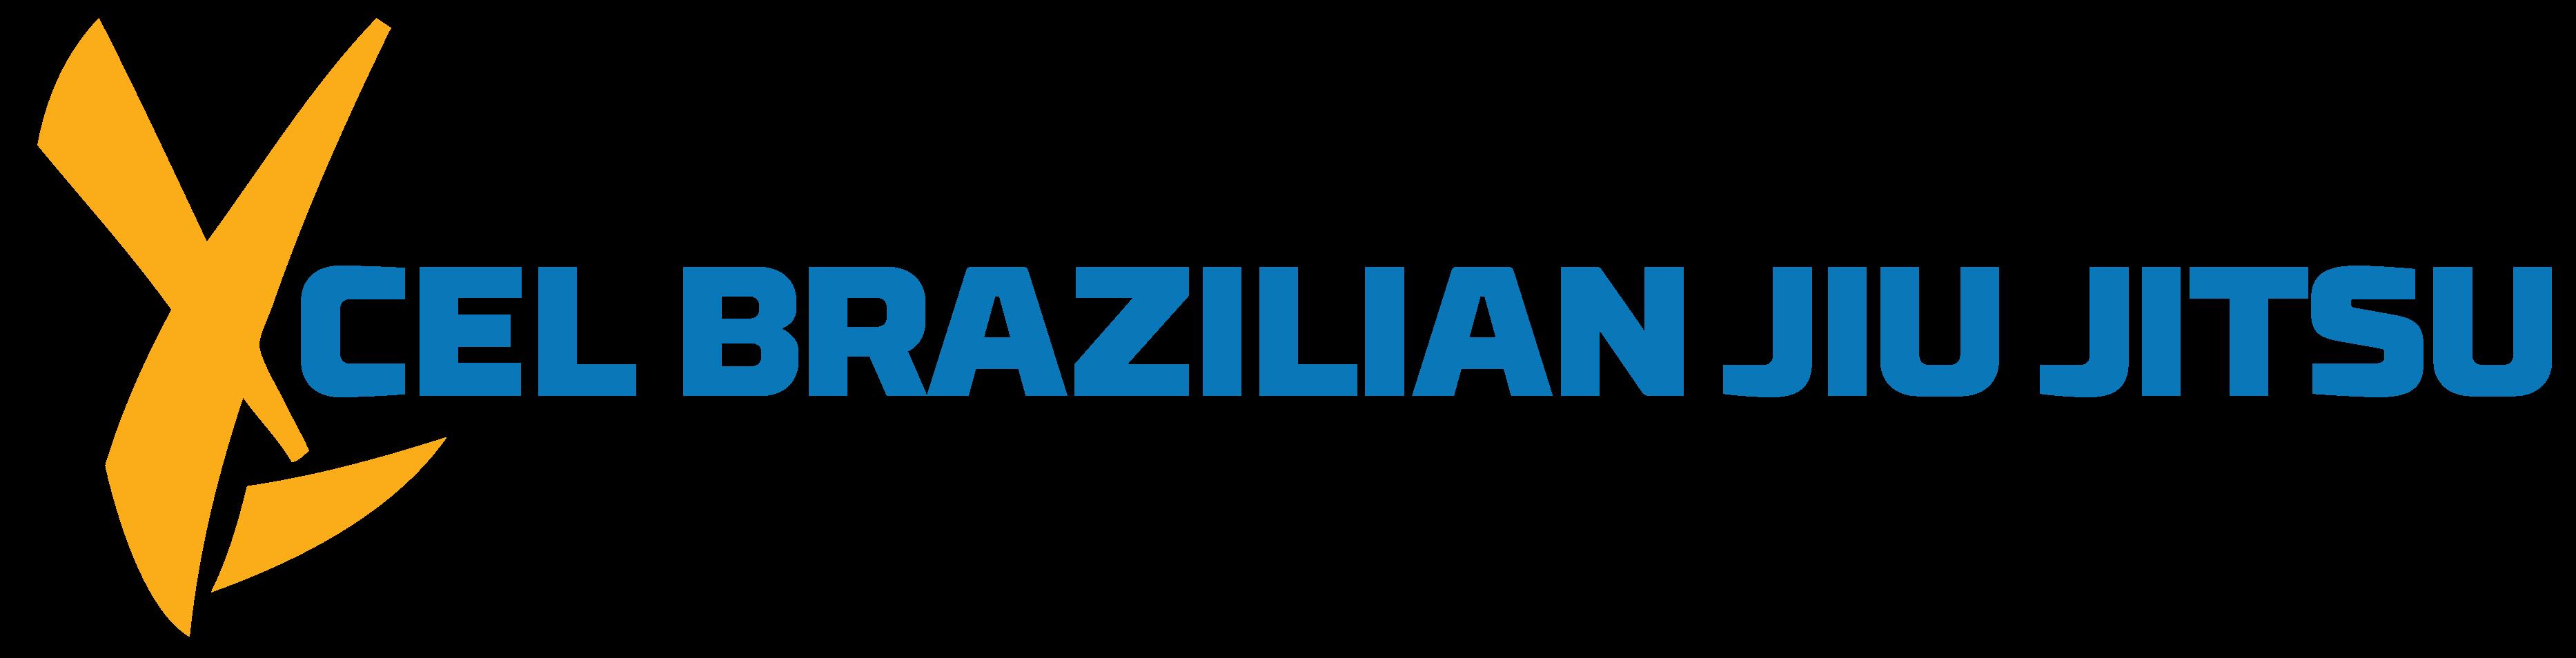 Xcel Brazilian Jiu Jitsu